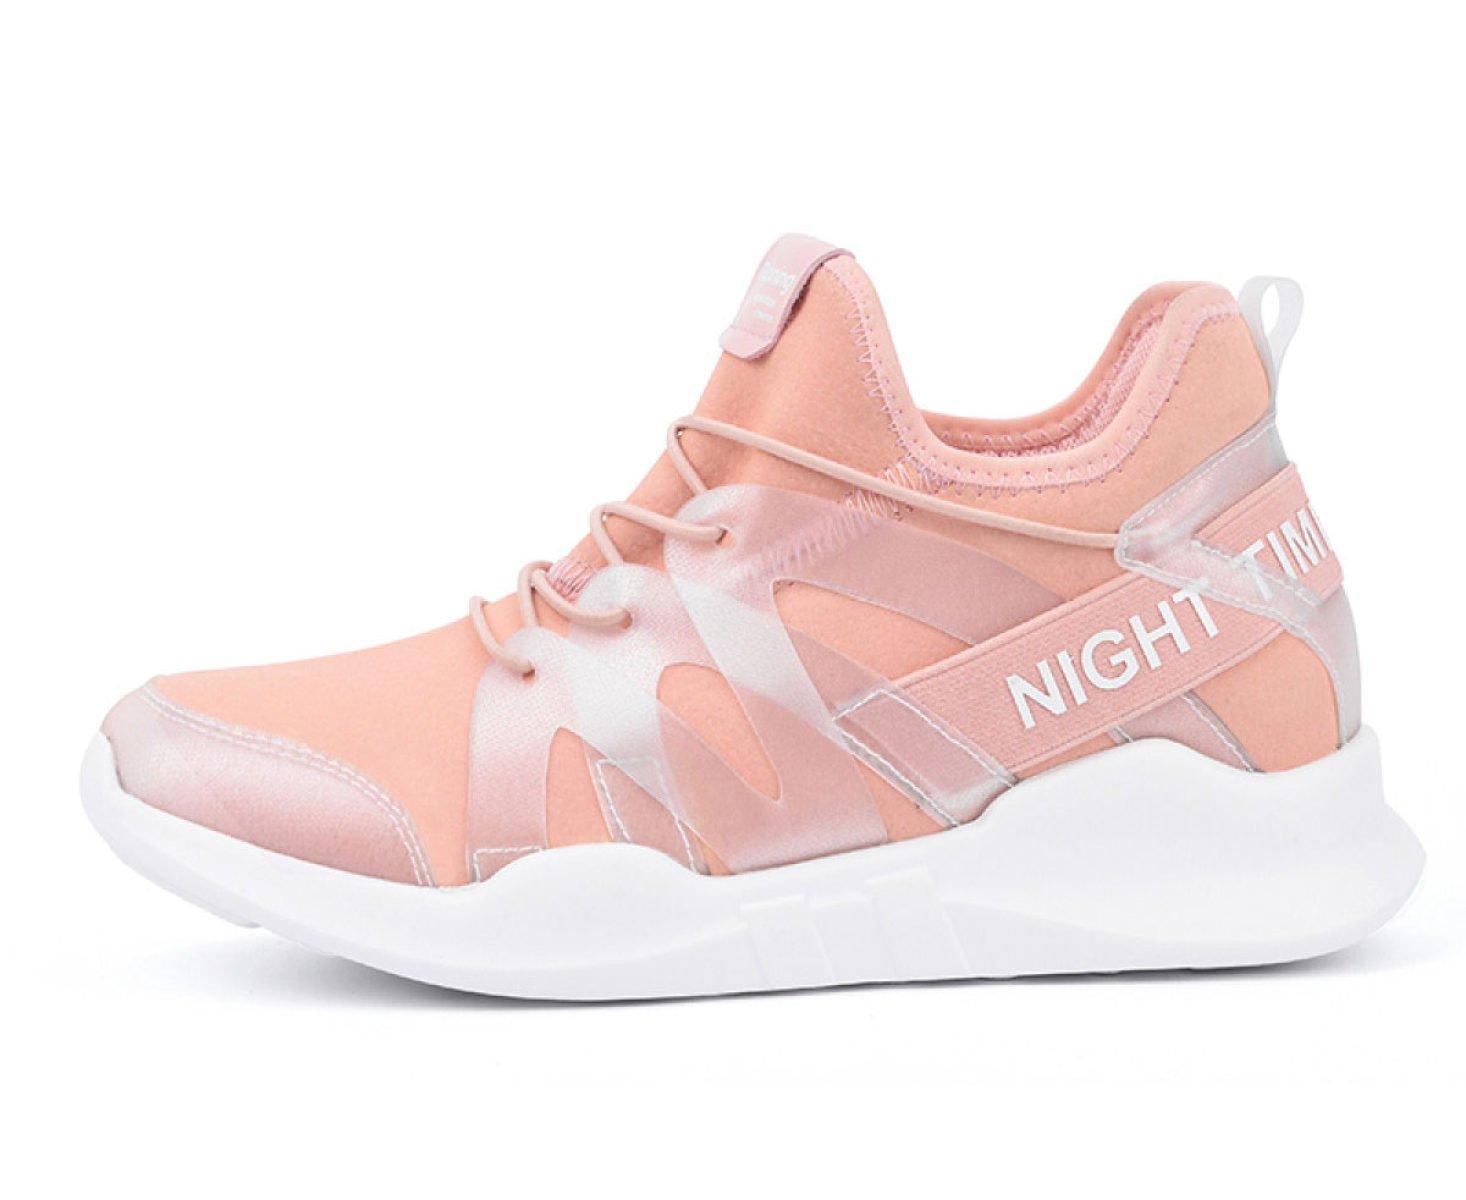 Yrps Sra. Zapatos Deportivos Zapatos Casuales De Primavera Y Otoño Zapatos Casuales PU 40 EU|D